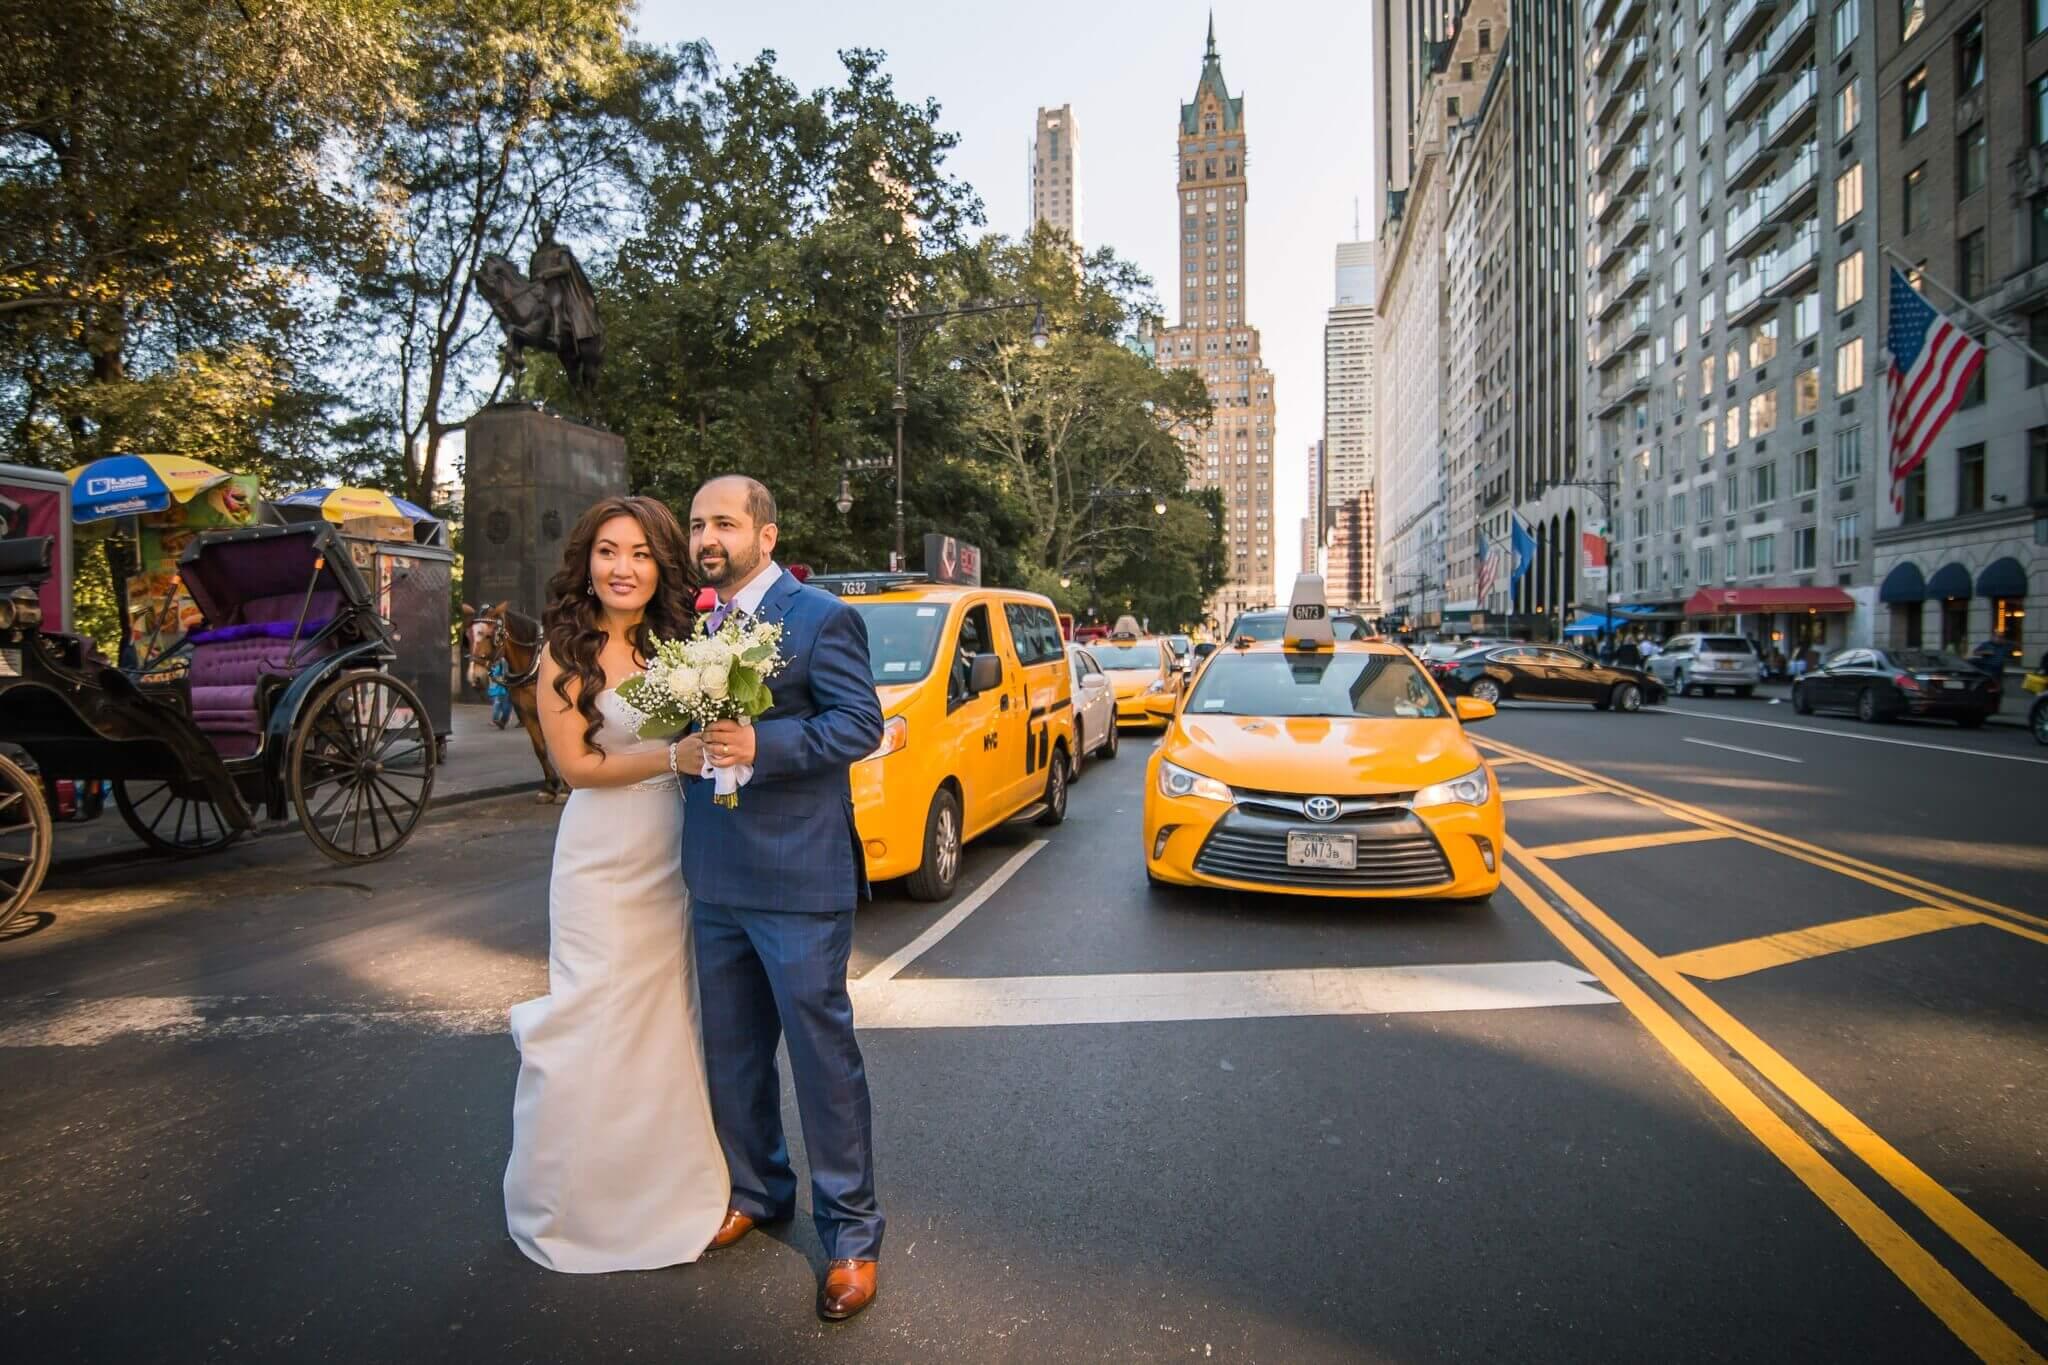 Elopement in New York City